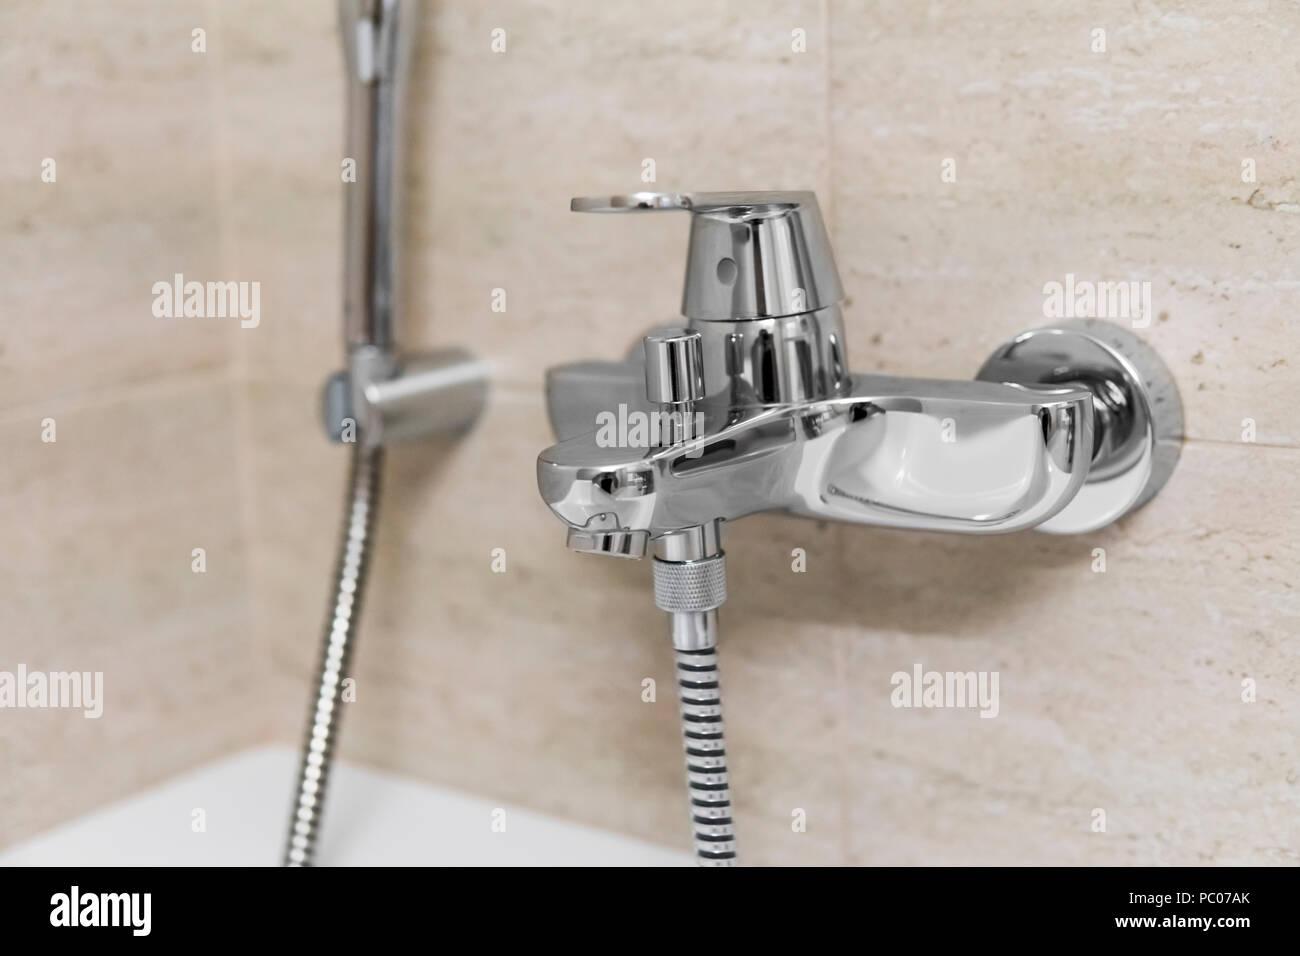 Docce E Vasche Da Bagno : Doccia e vasca da bagno miscelatori in un bagno foto immagine